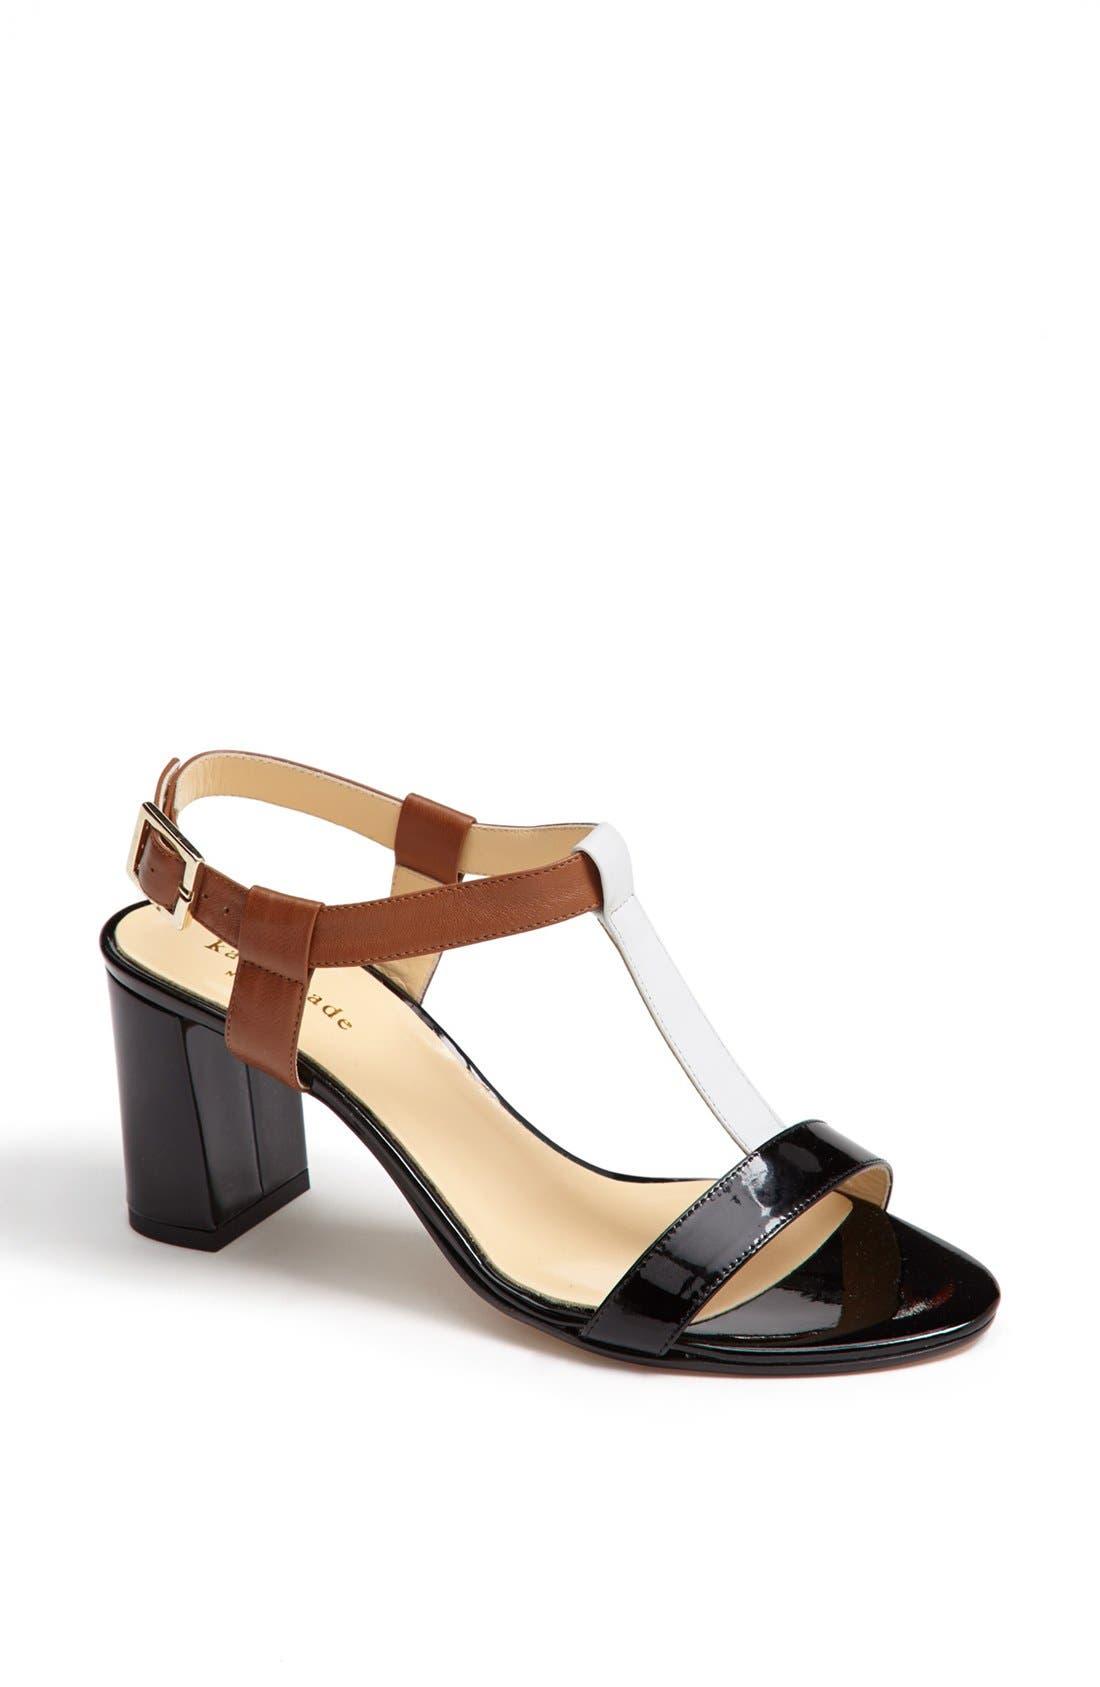 Main Image - kate spade new york 'aisha' sandal